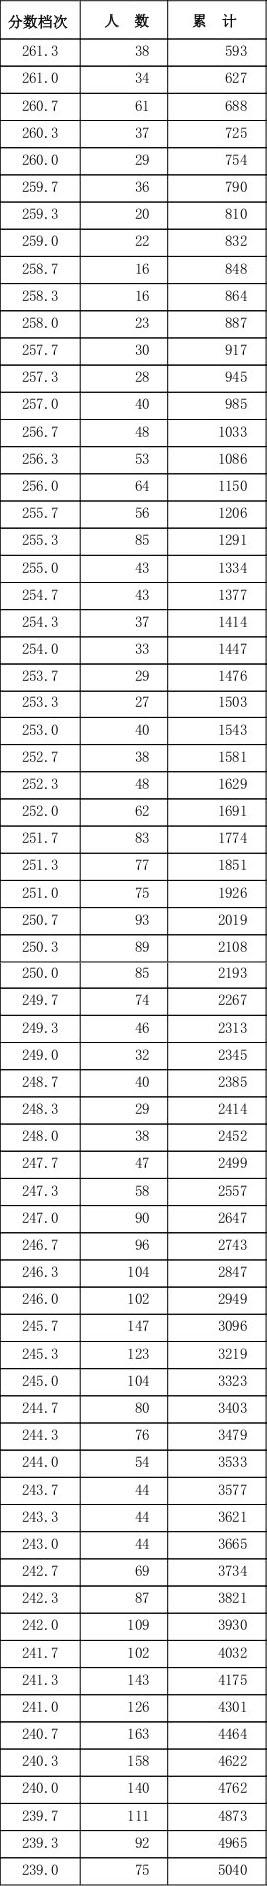 2016河北美术联考分数段统计2.jpg